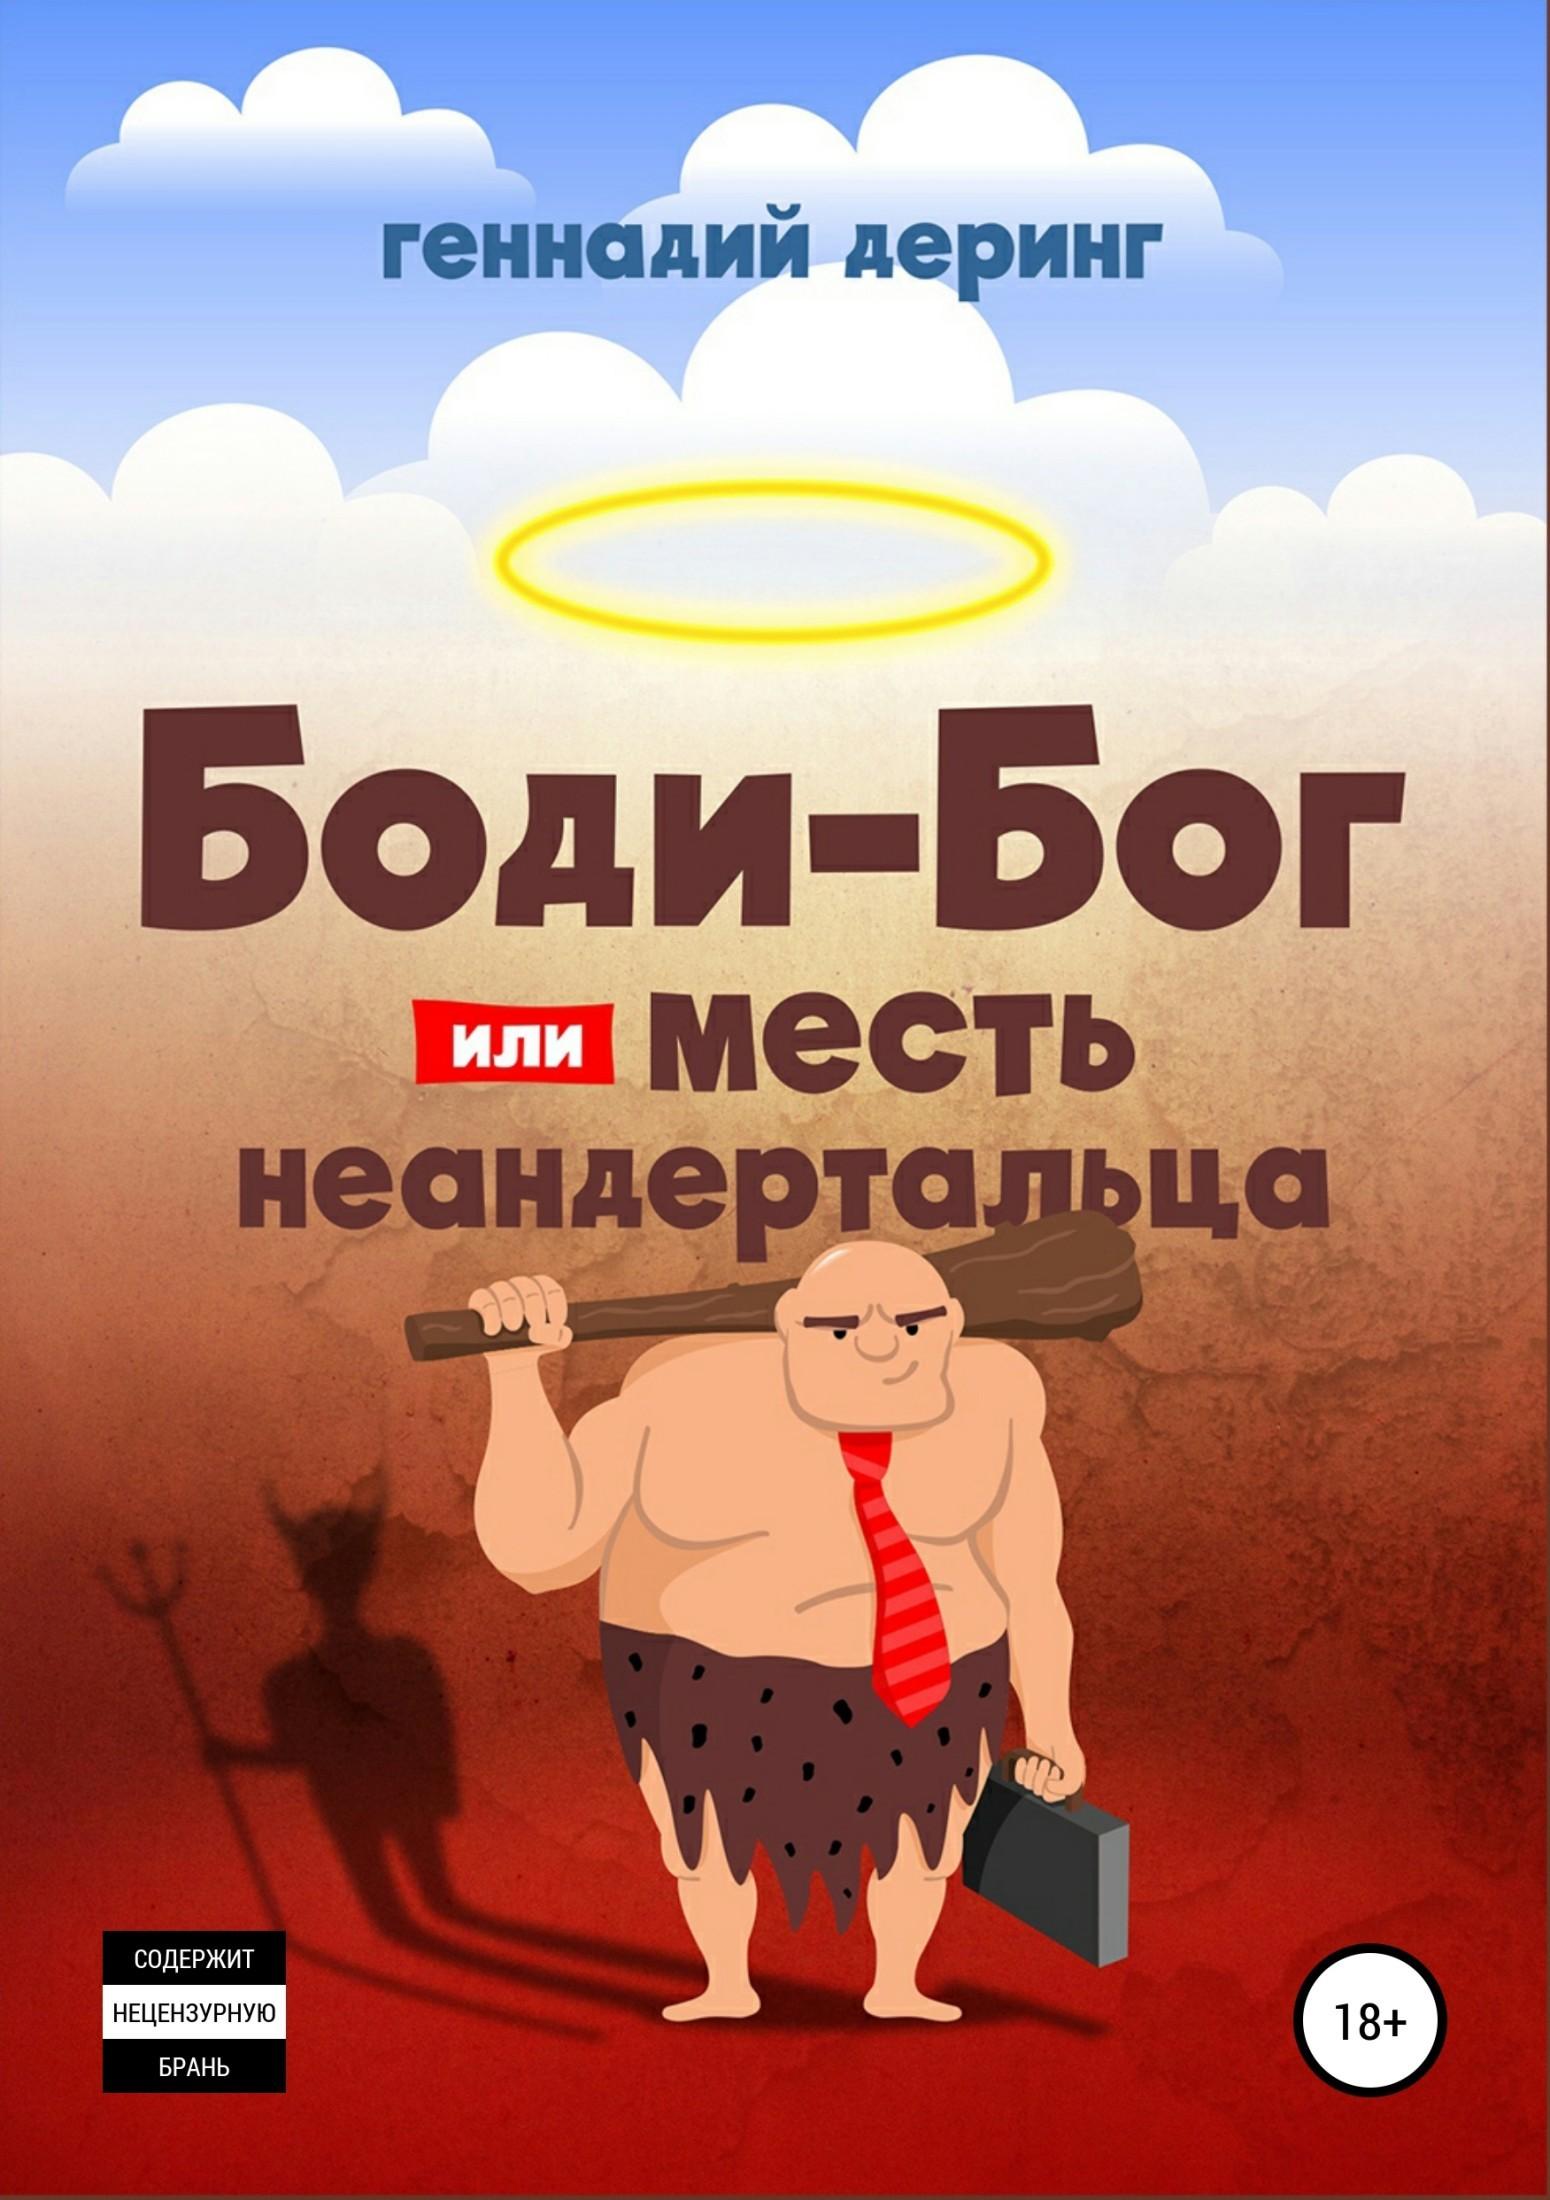 Геннадий Евгеньевич Деринг Body-Бог, или Месть неандертальца н а брунов человек главный в мире соработник бога